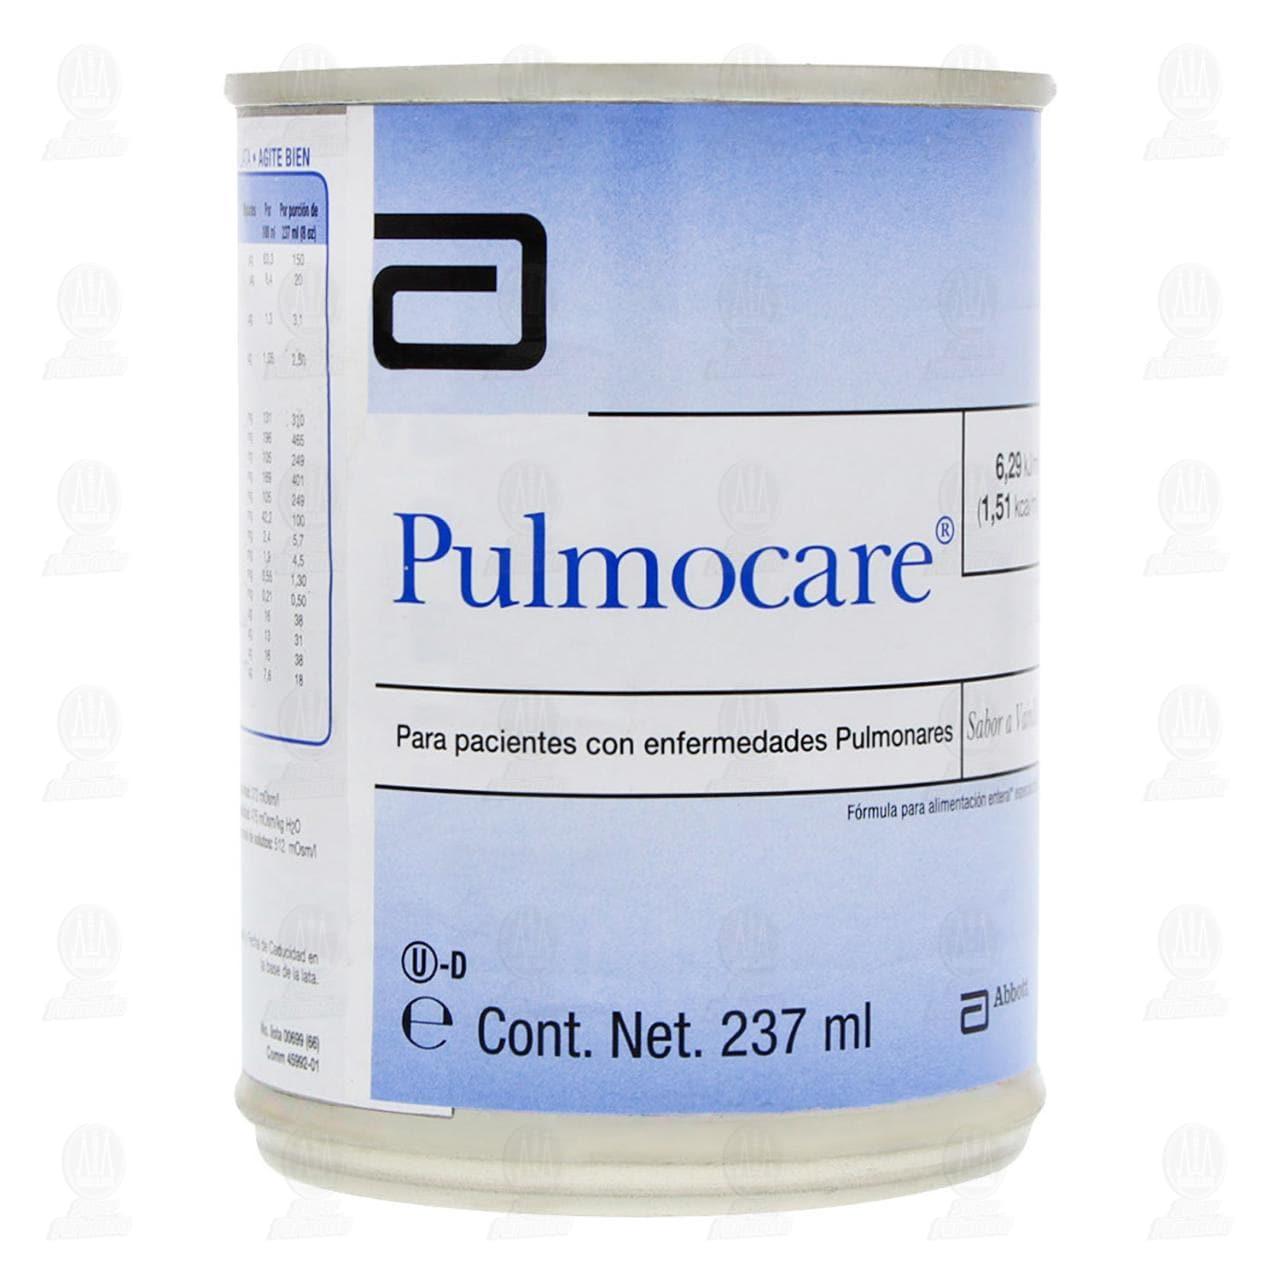 Comprar Pulmocare Vainilla 237ml en Farmacias Guadalajara